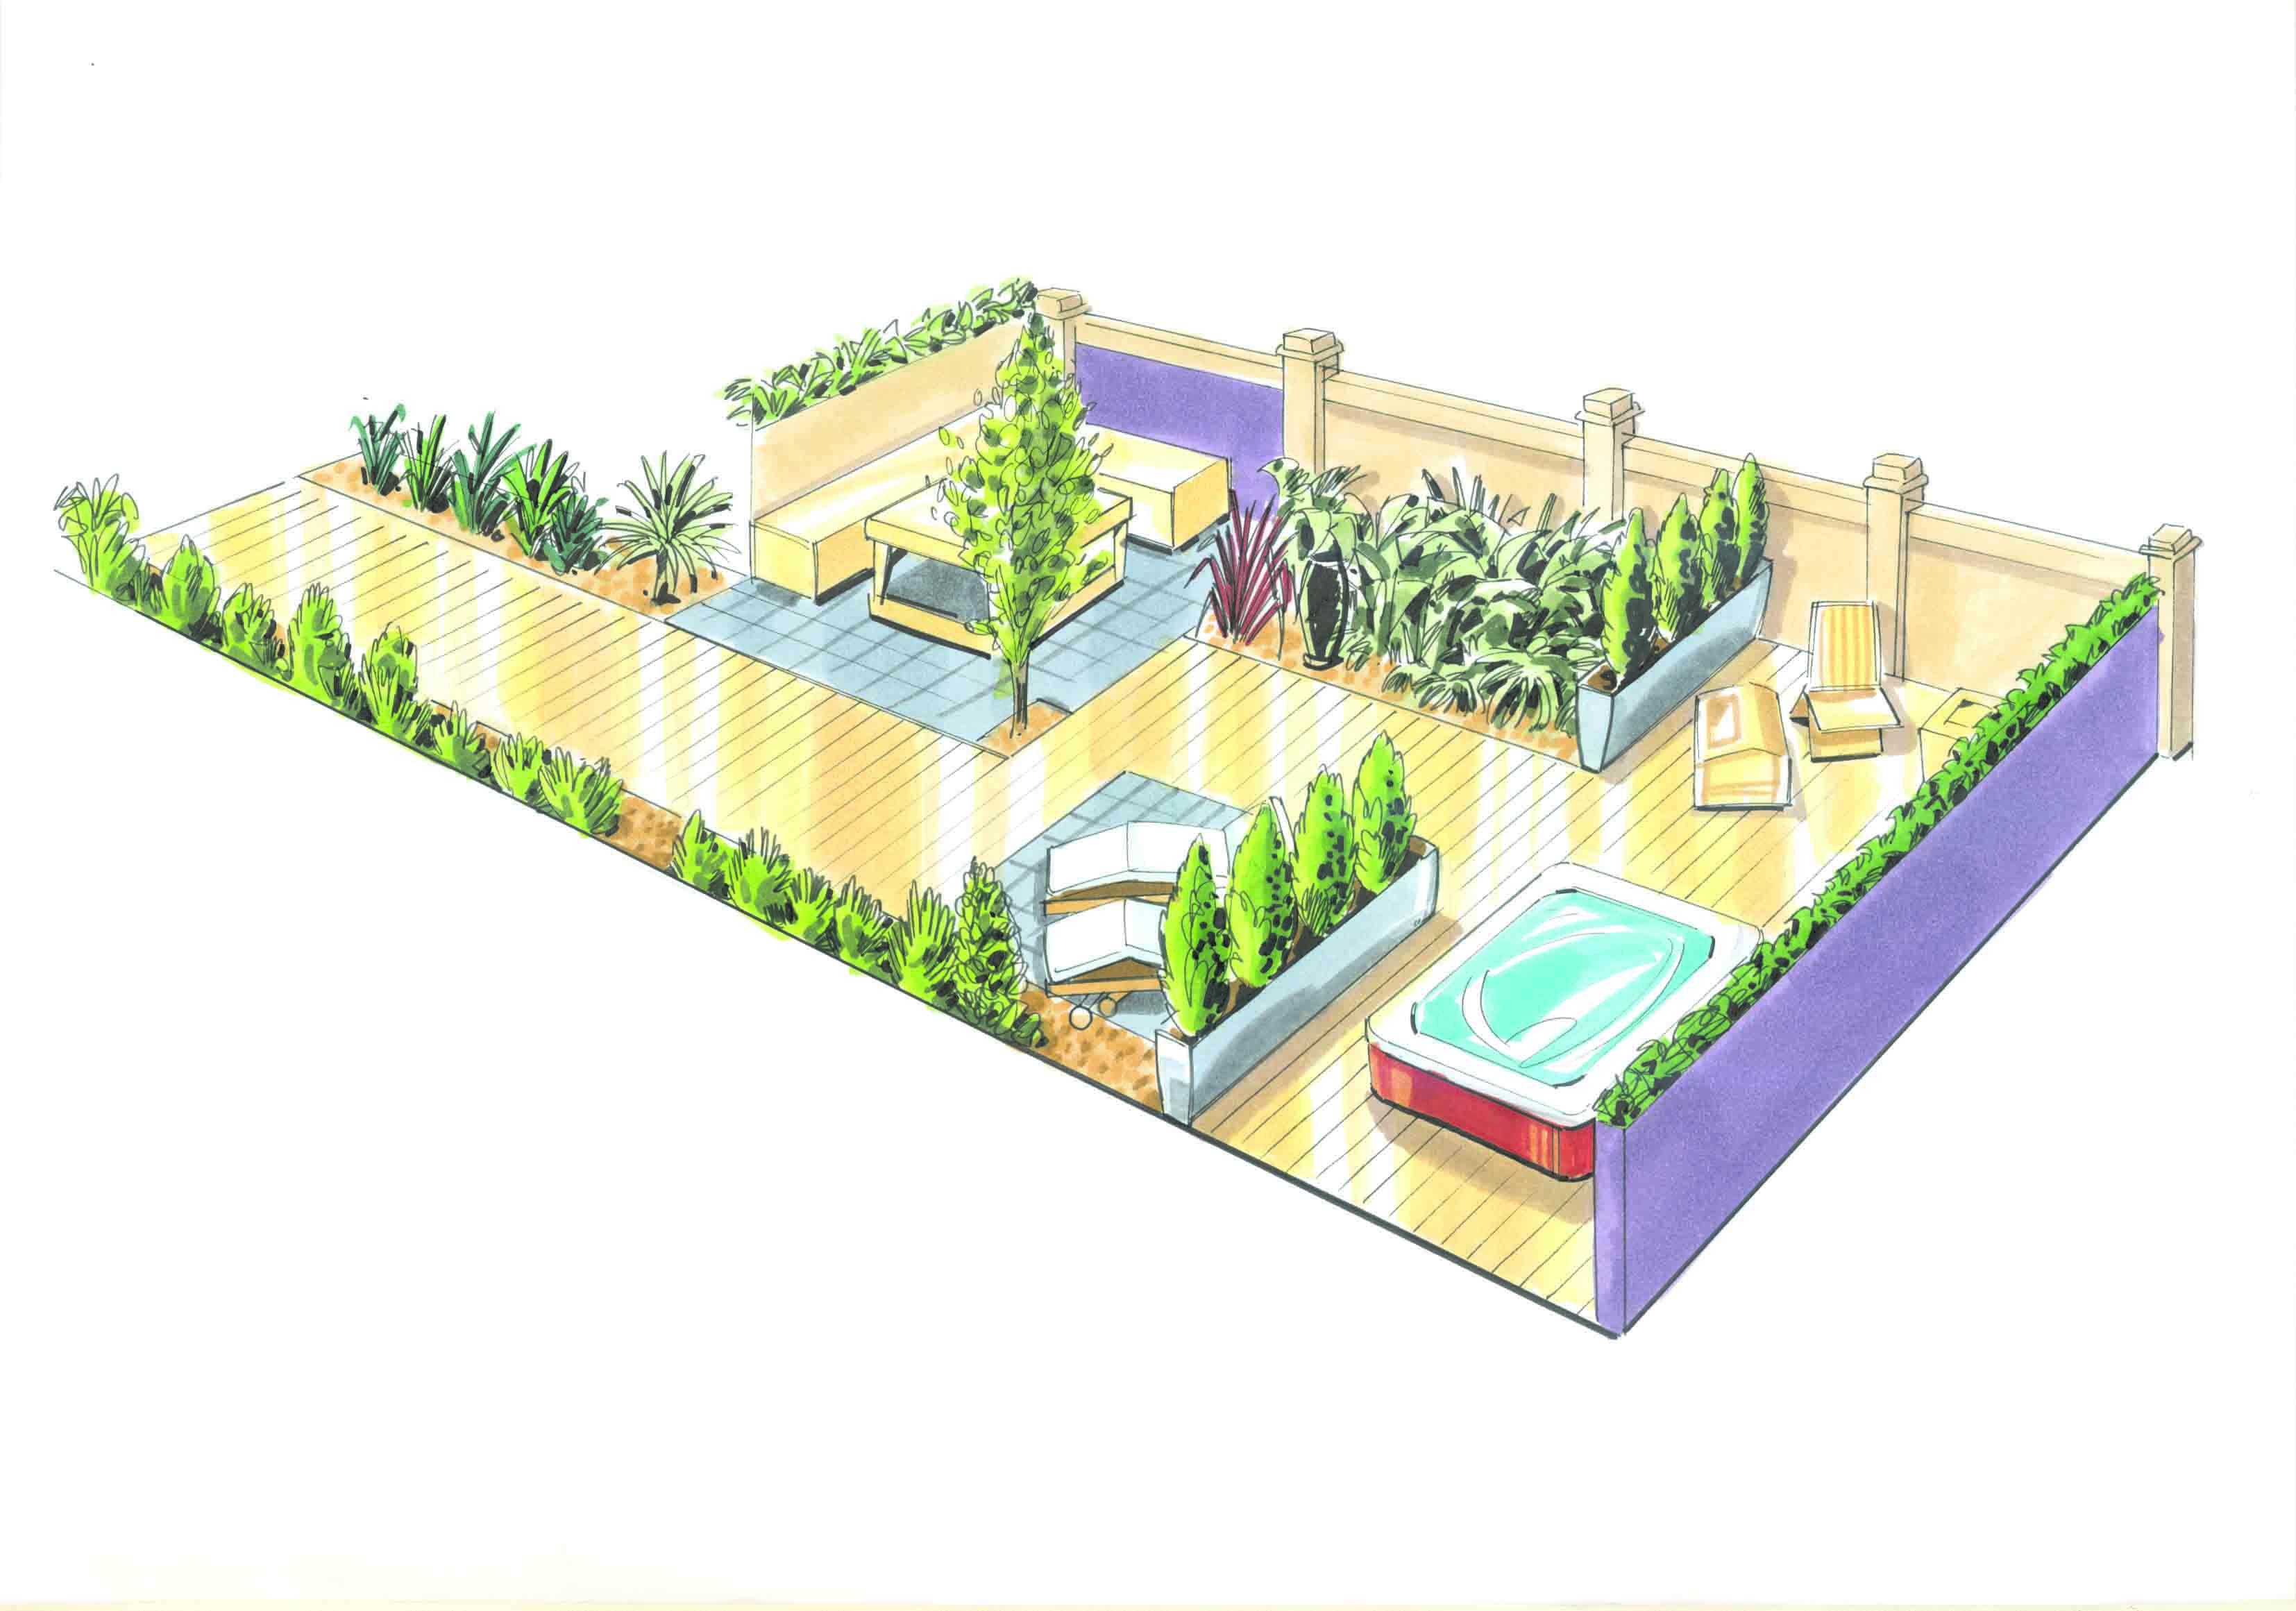 London Garden Design: Garden of the Month February 2012 ...